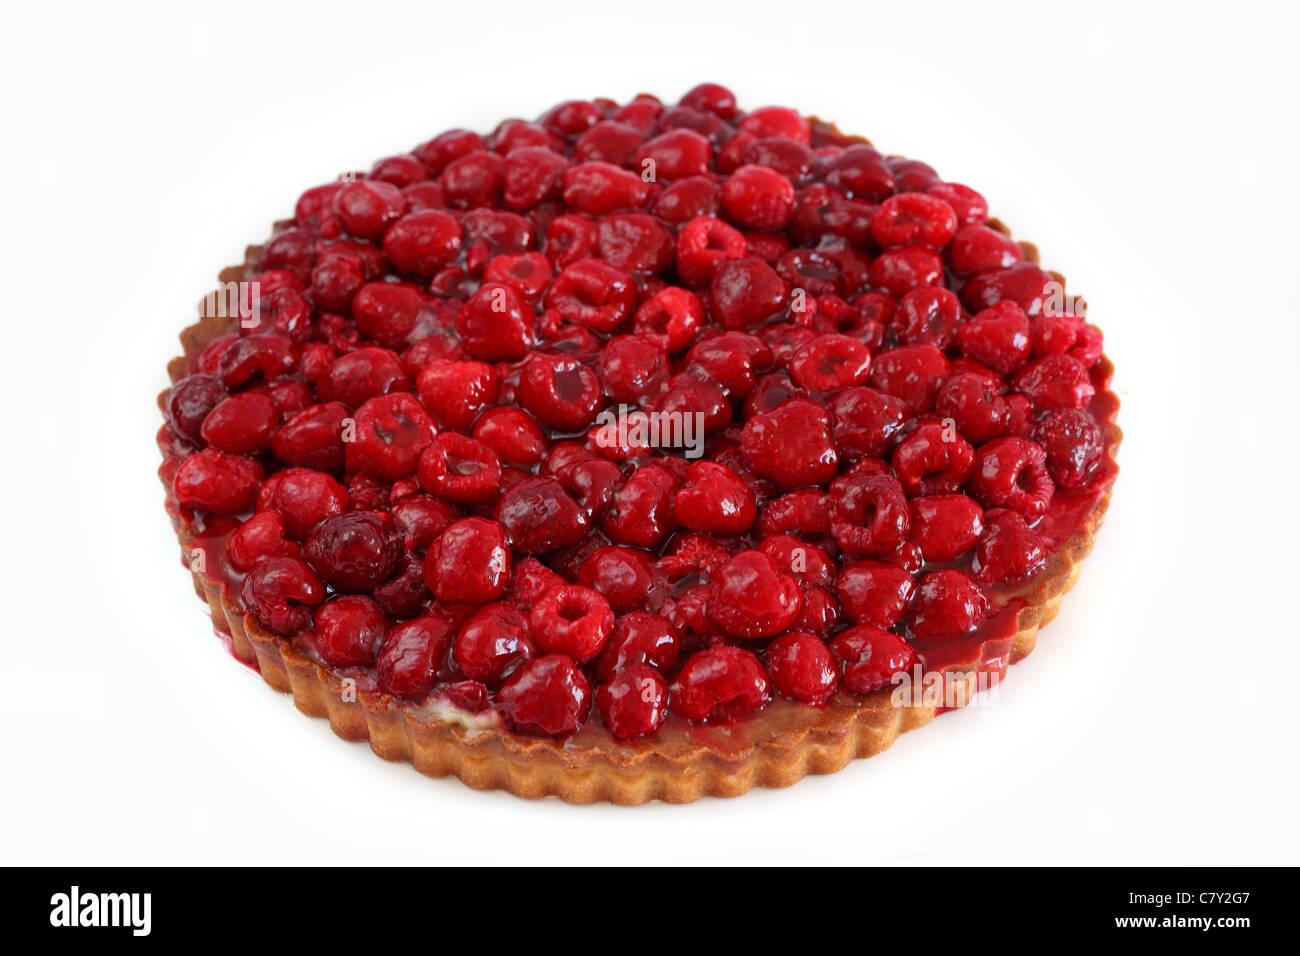 Tarte framboises raspberry tart - Stock Image